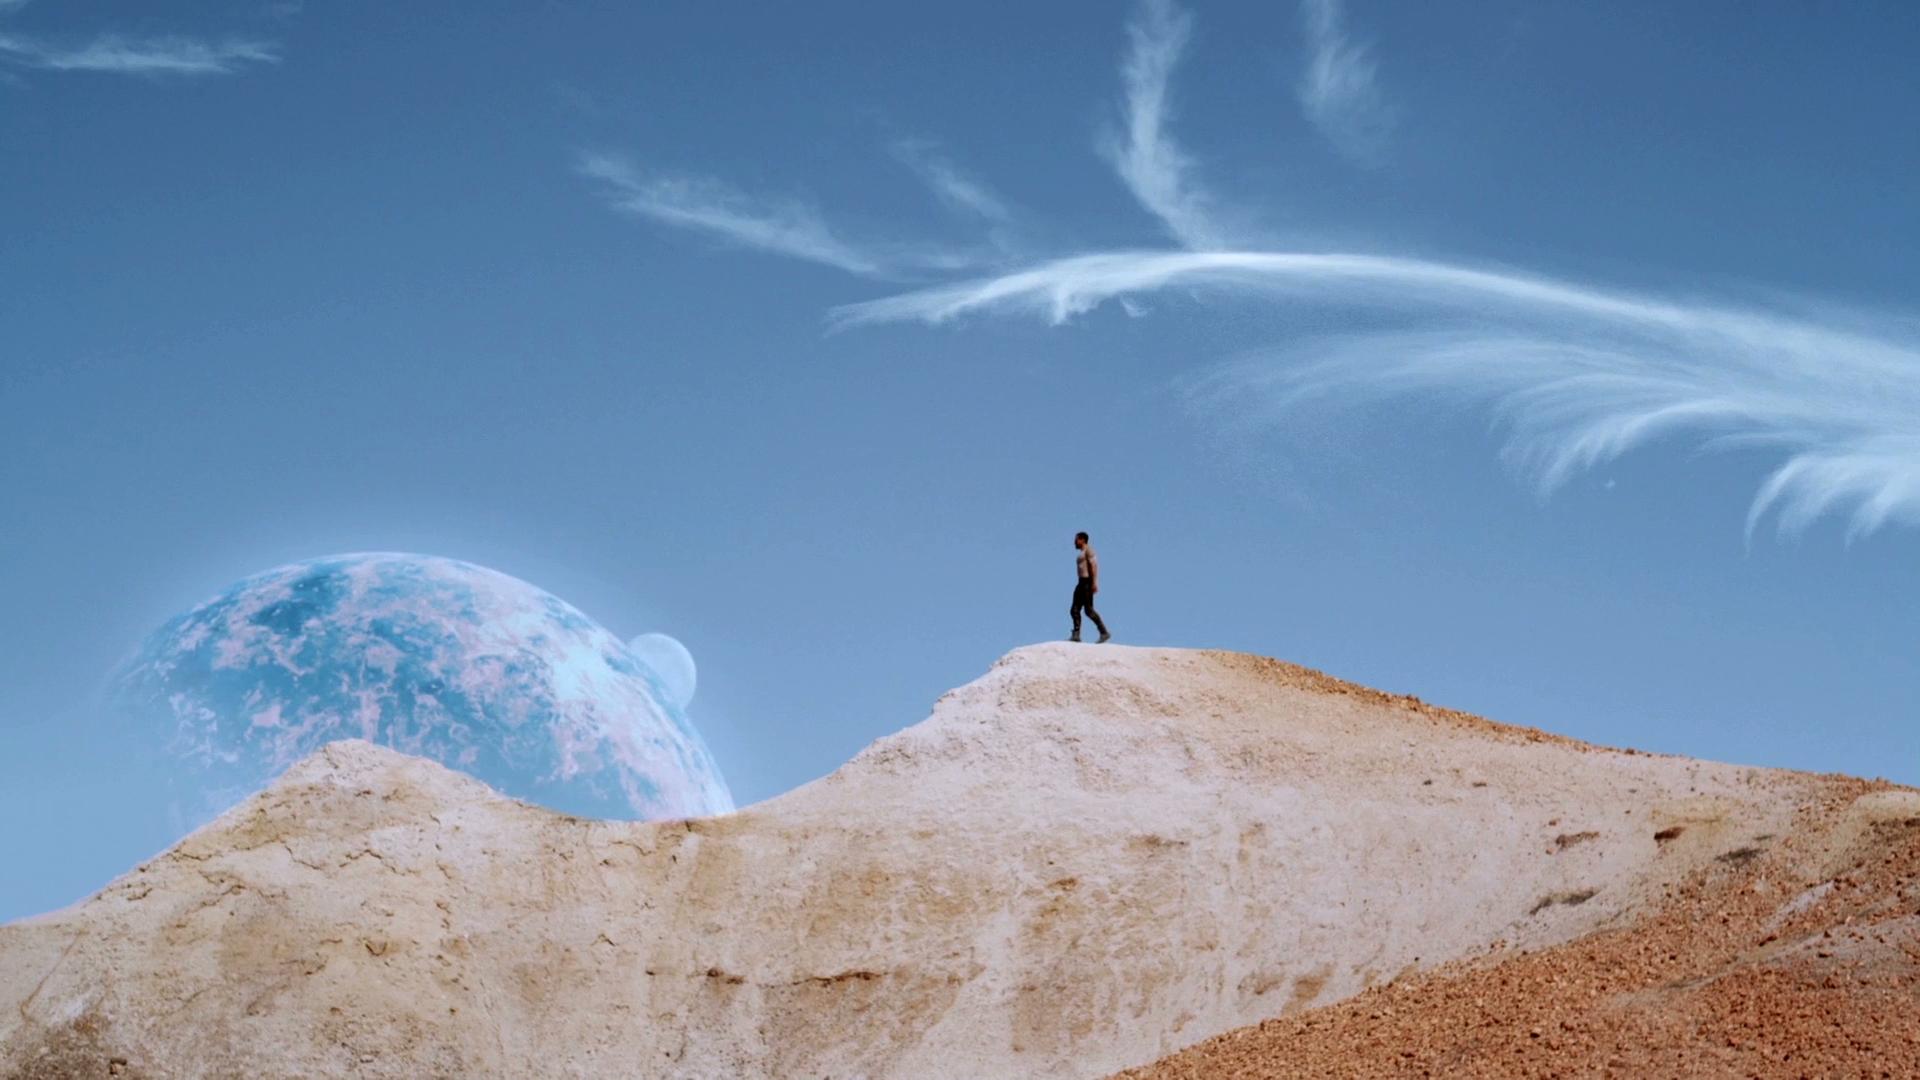 Kye on Dunes 2.jpeg